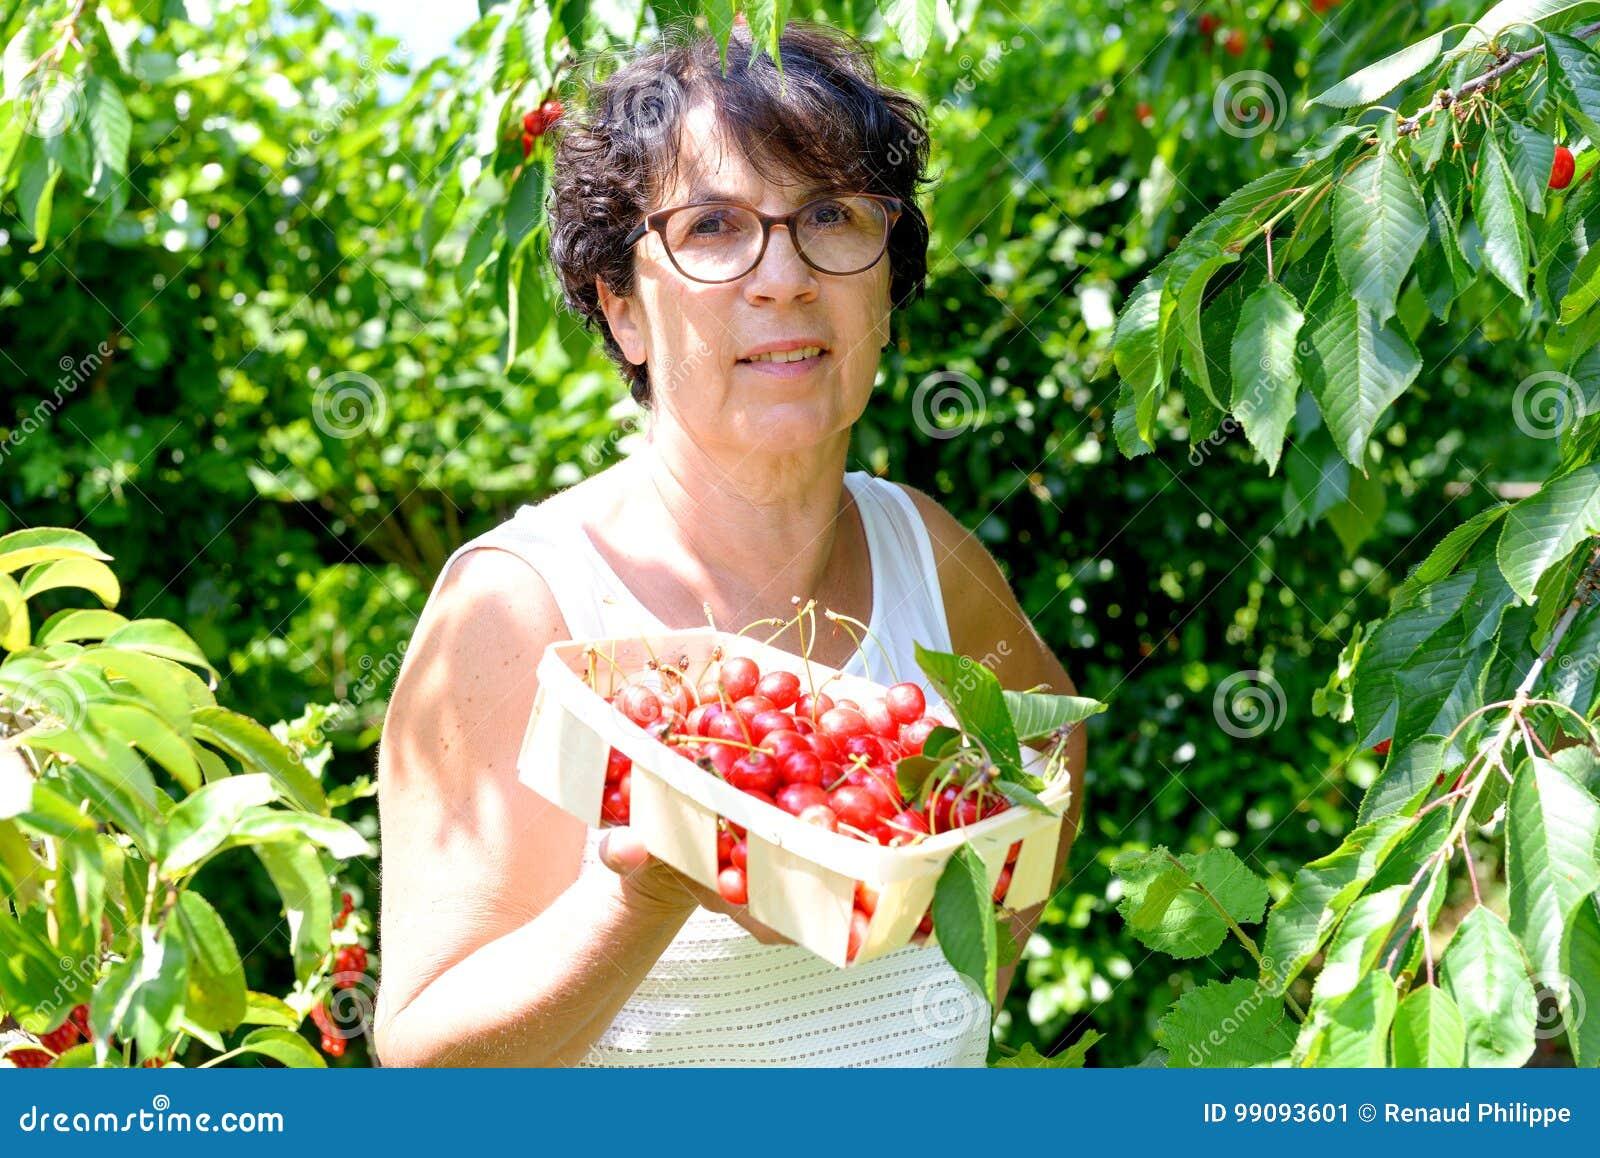 Donna che seleziona ciliegia rossa dall albero nel giardino di estate